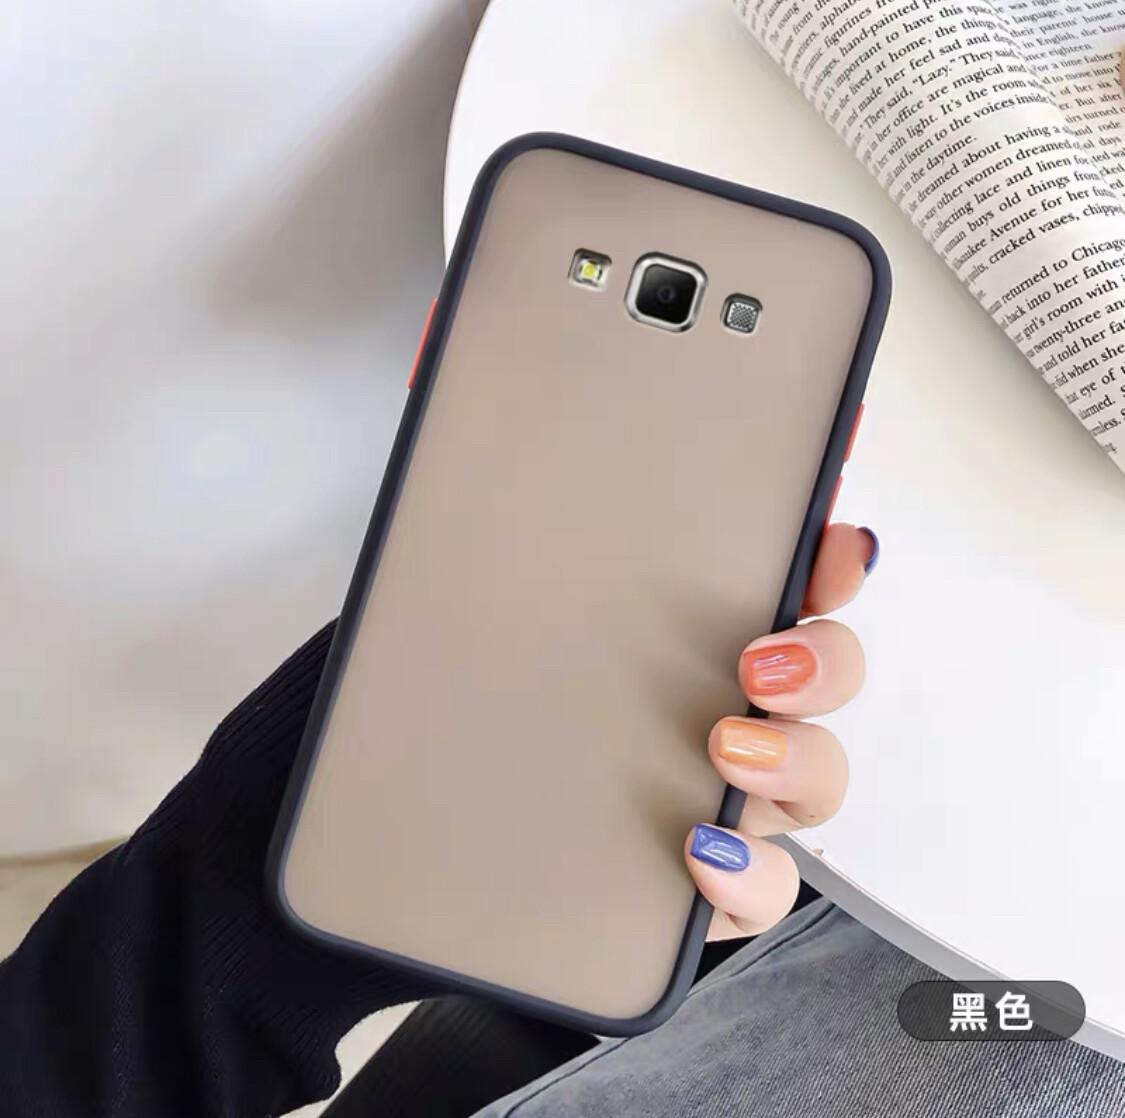 [ส่งจากไทย] เคสโทรศัพท์ซัมซุง Case Samsung Galaxy J2prime เคสกันกระแทก ปุ่มสีผิวด้าน ขอบนิ่มหลังแข็ง.